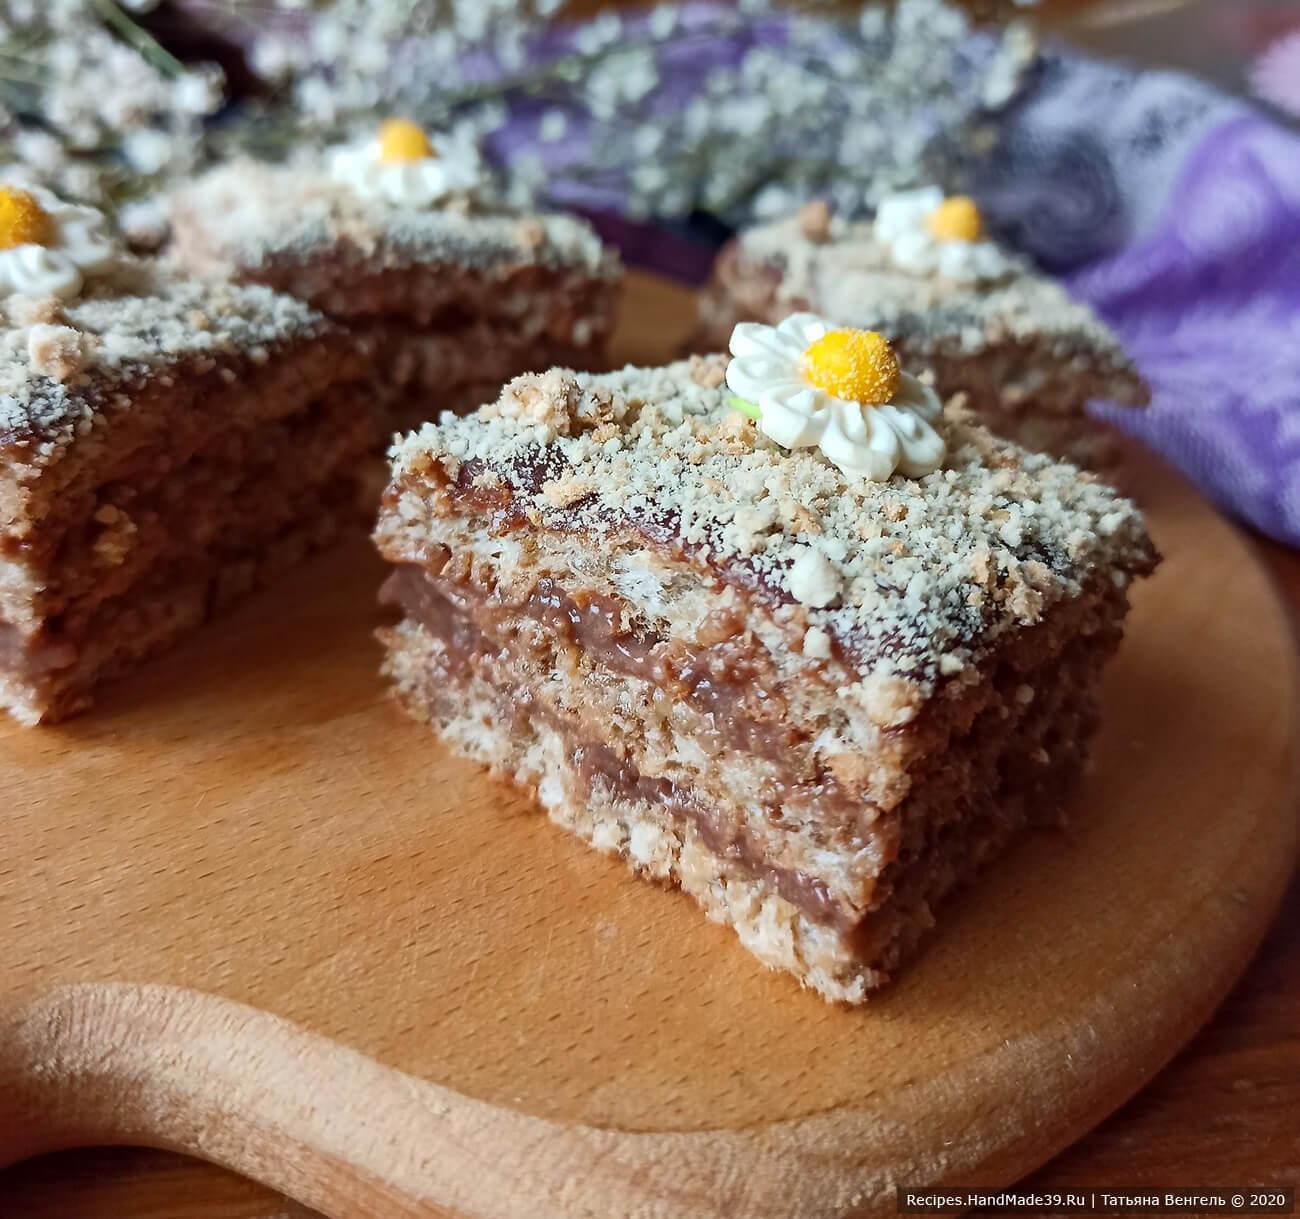 Собрать коржи, посыпать верх торта крошкой, приятного аппетита!